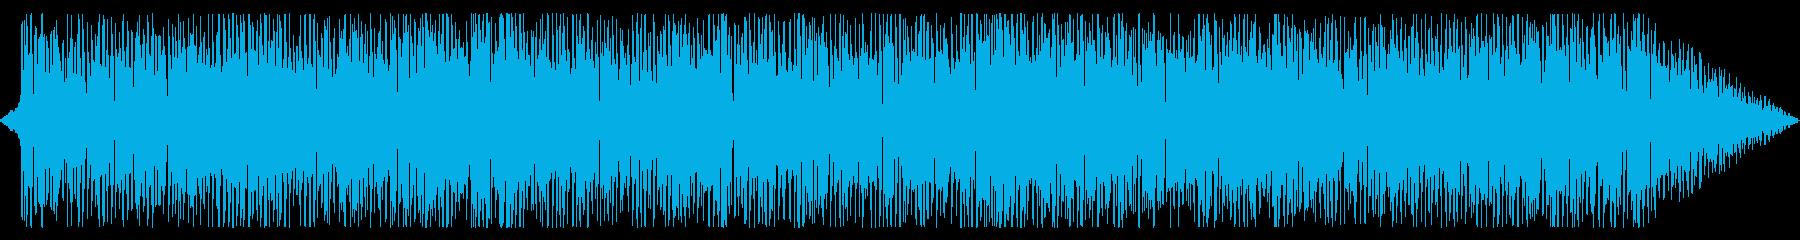 シンプルでポジティブ感のあるテクノ曲の再生済みの波形